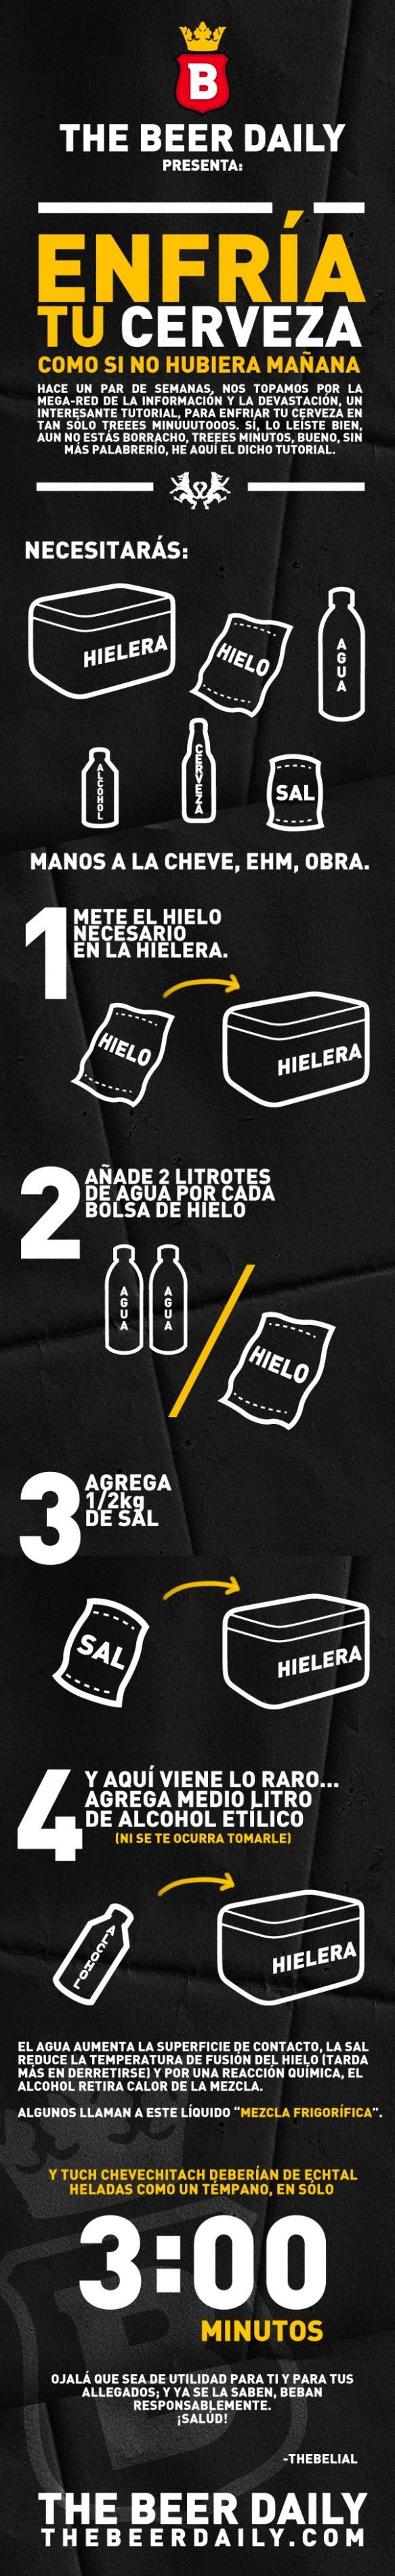 infografc3ada